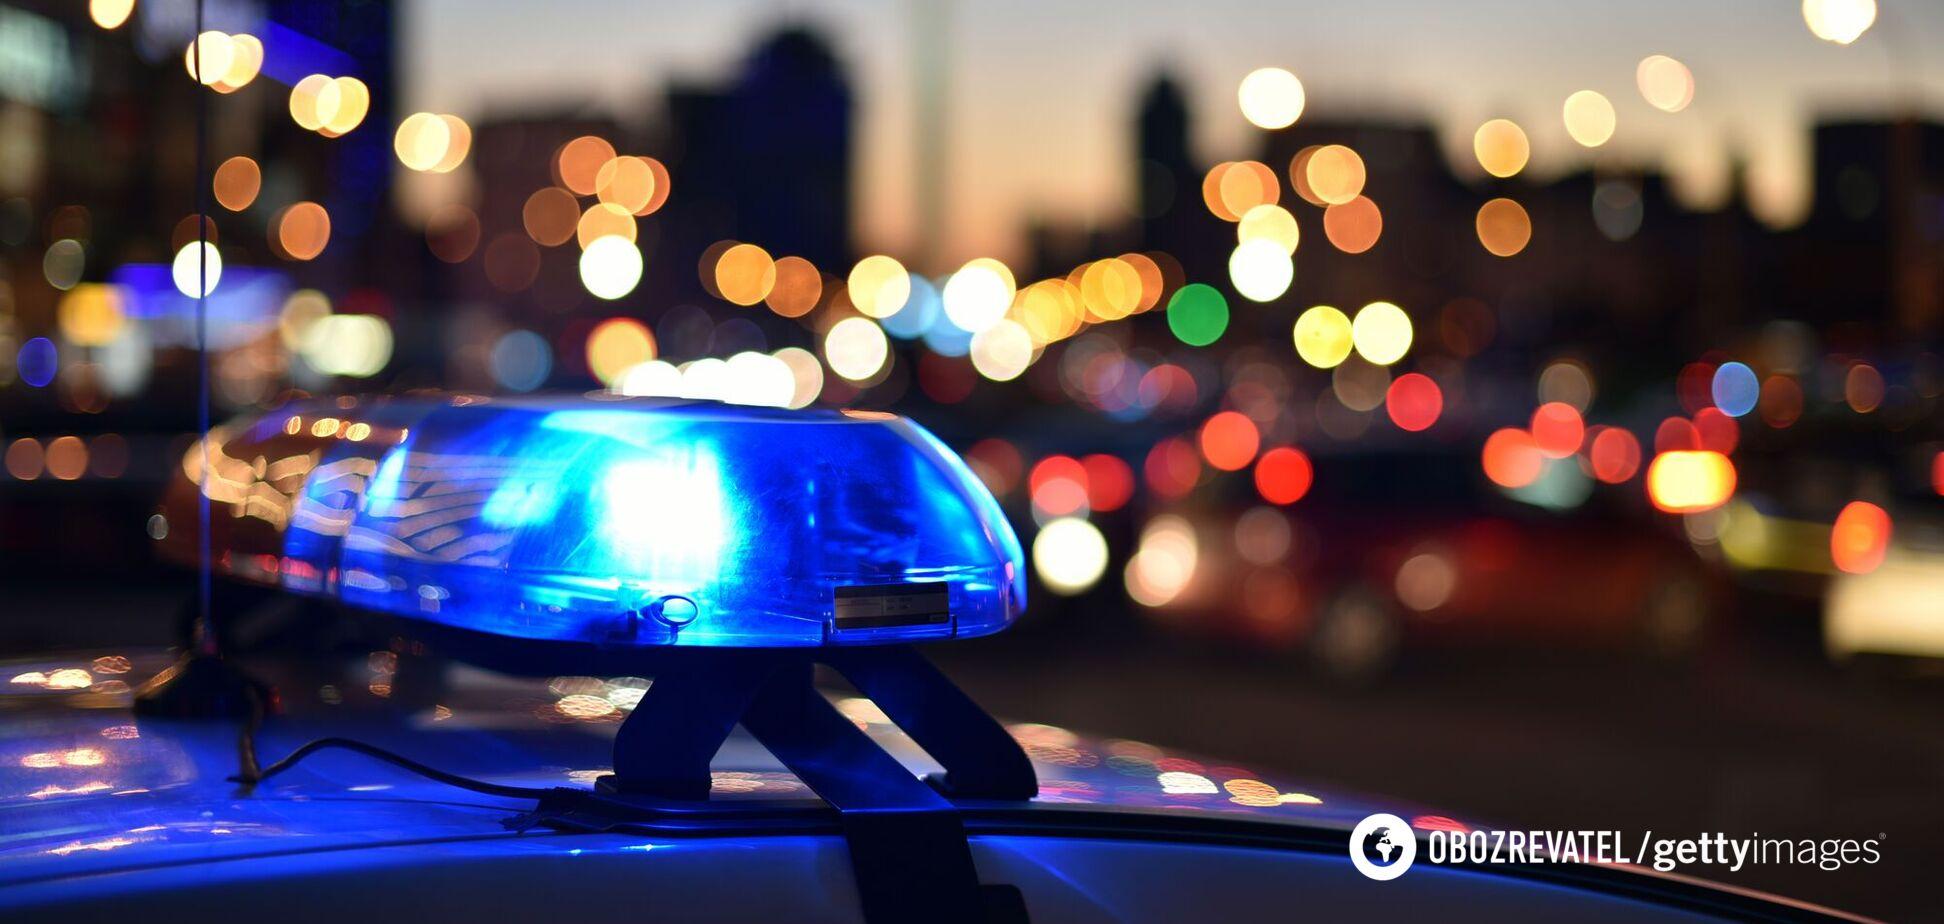 Причины аварии установит полиция